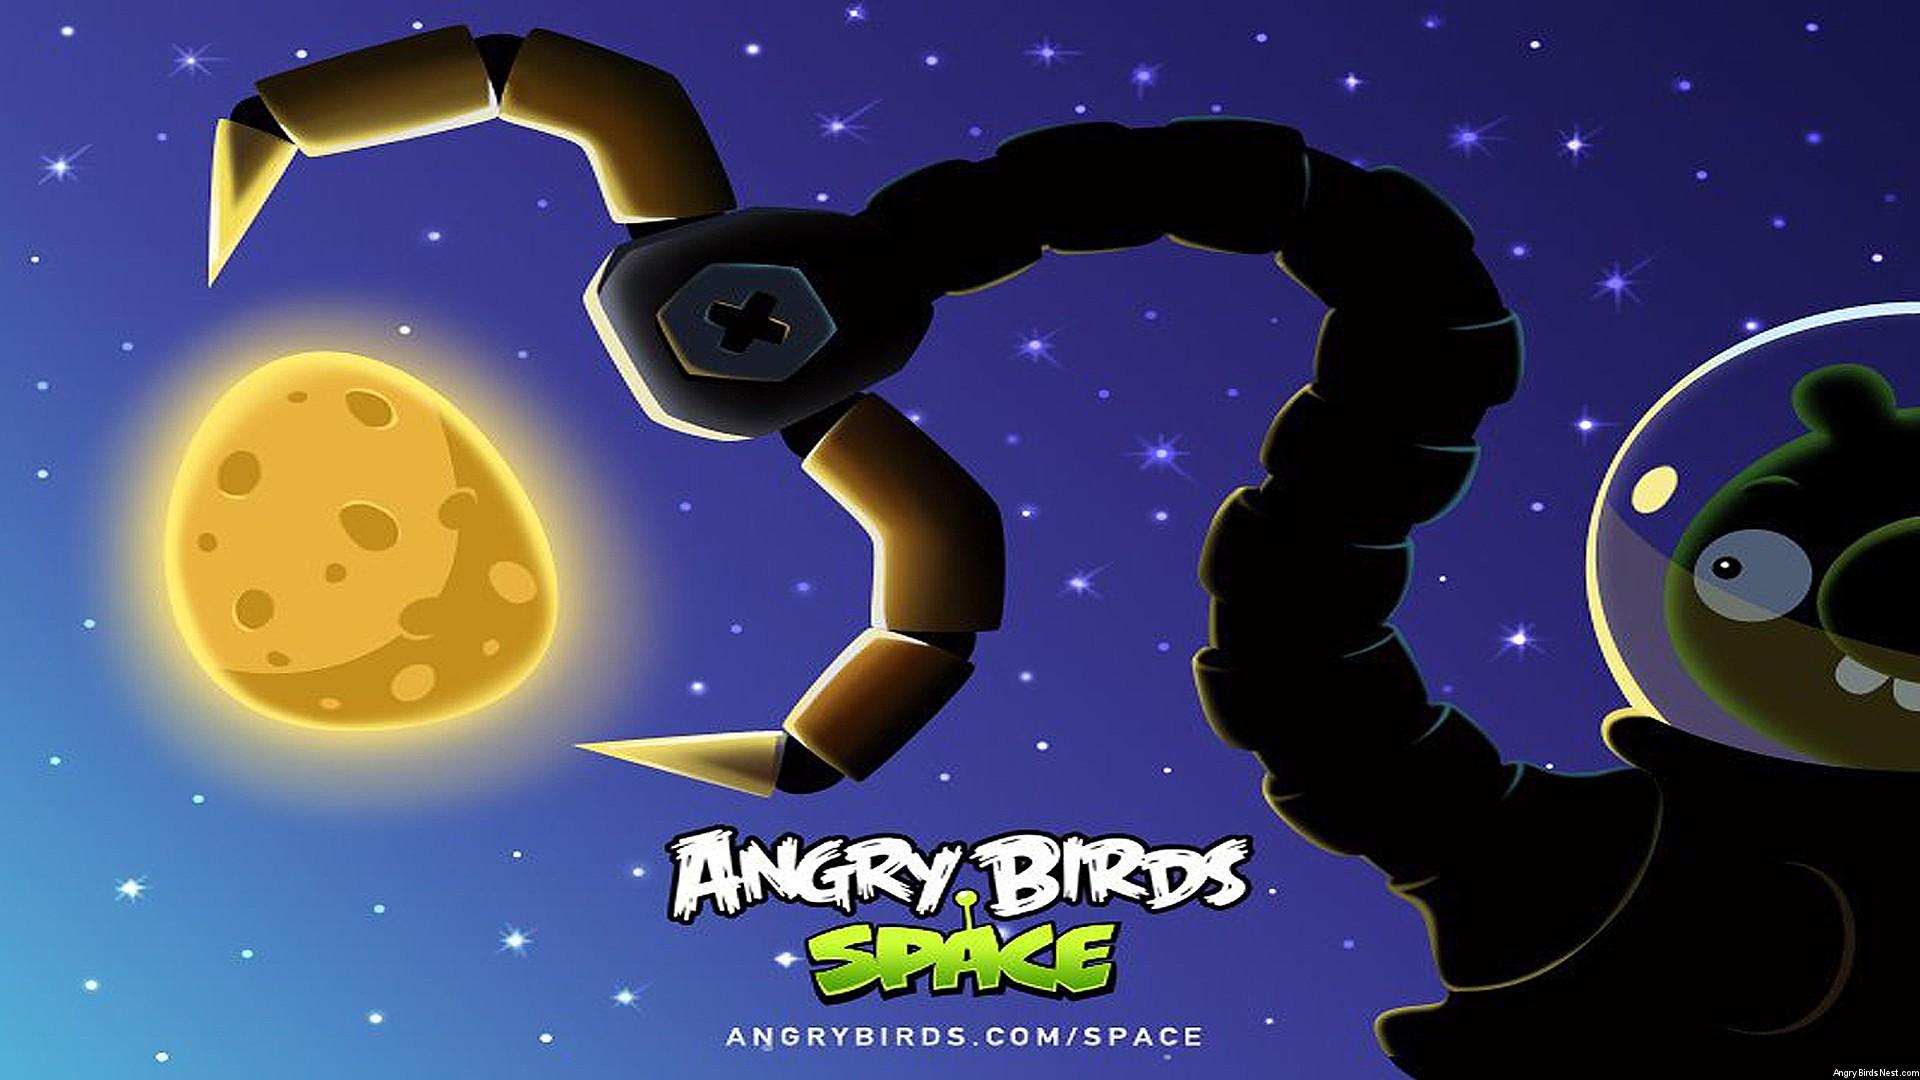 angry birds desktop wallpaper